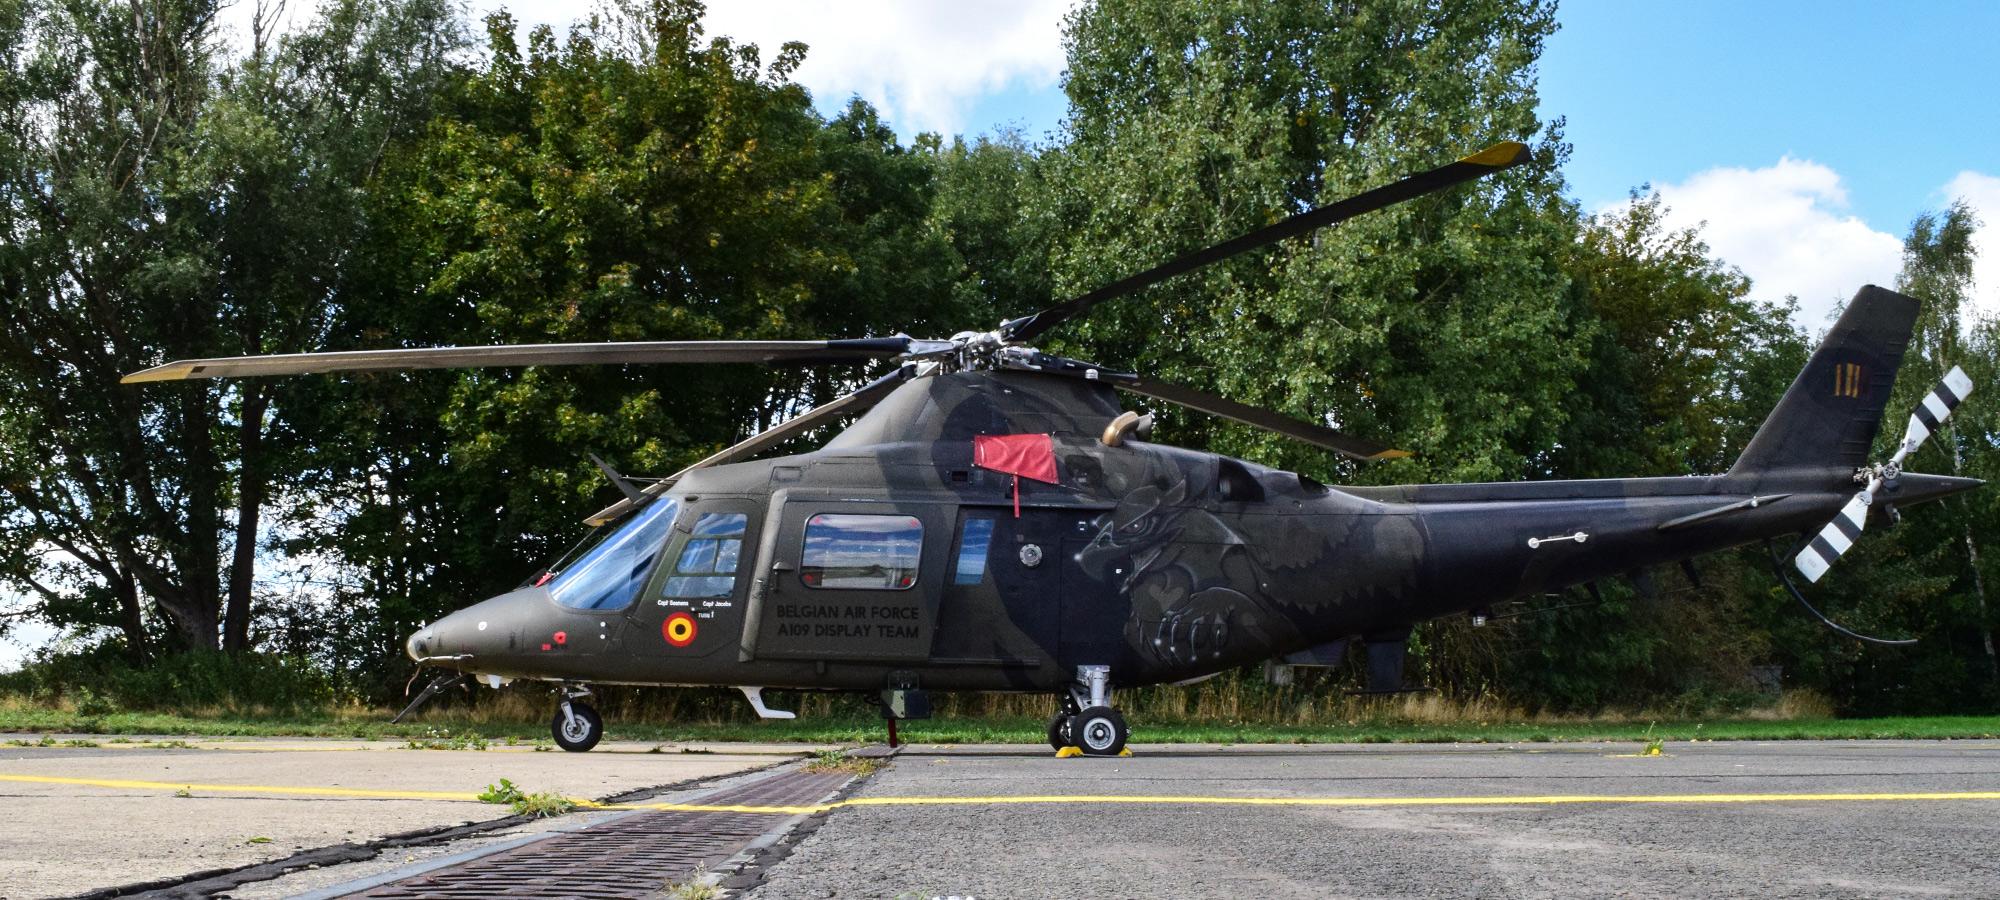 Report: Pilot Watches & Instruments - ATELIER DE GRIFF